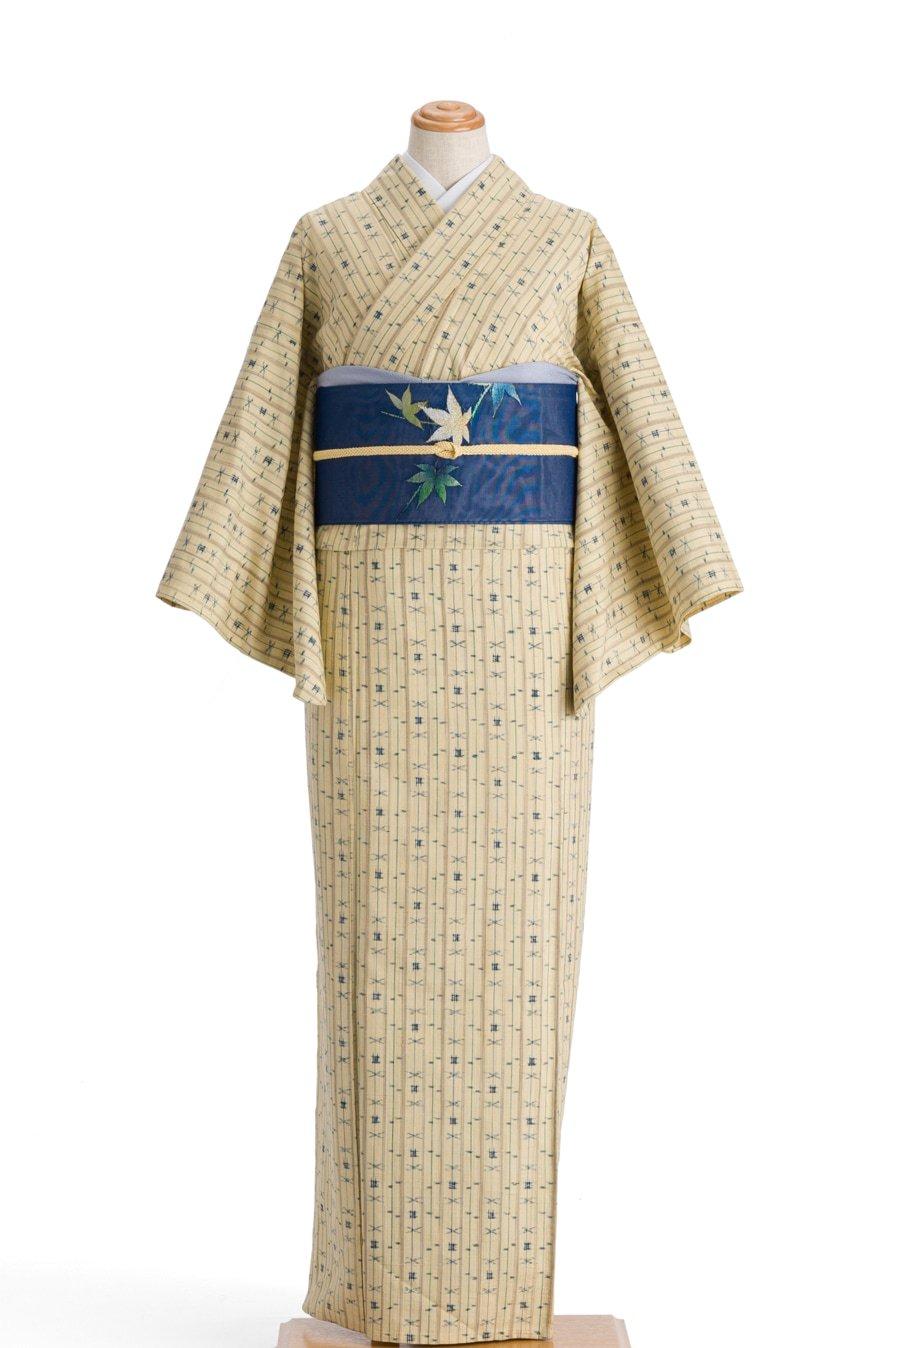 「単衣 紬 縞と絣柄」の商品画像